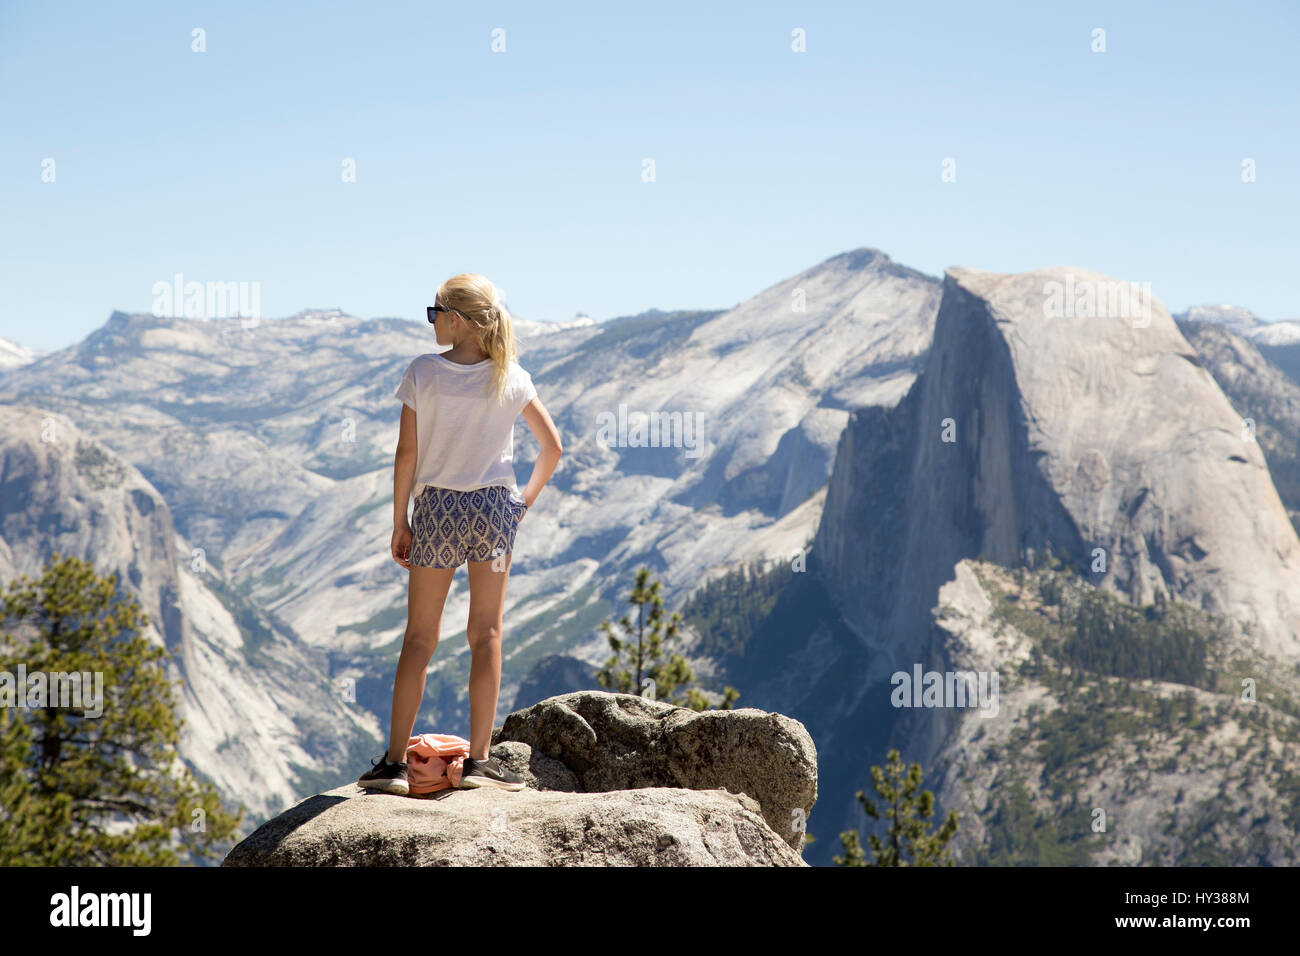 Usa, Kalifornien, Yosemite, Mädchen (12-13) auf der Suche nach Ansicht mit Sentinel Dome und Yosemite Falls Stockbild